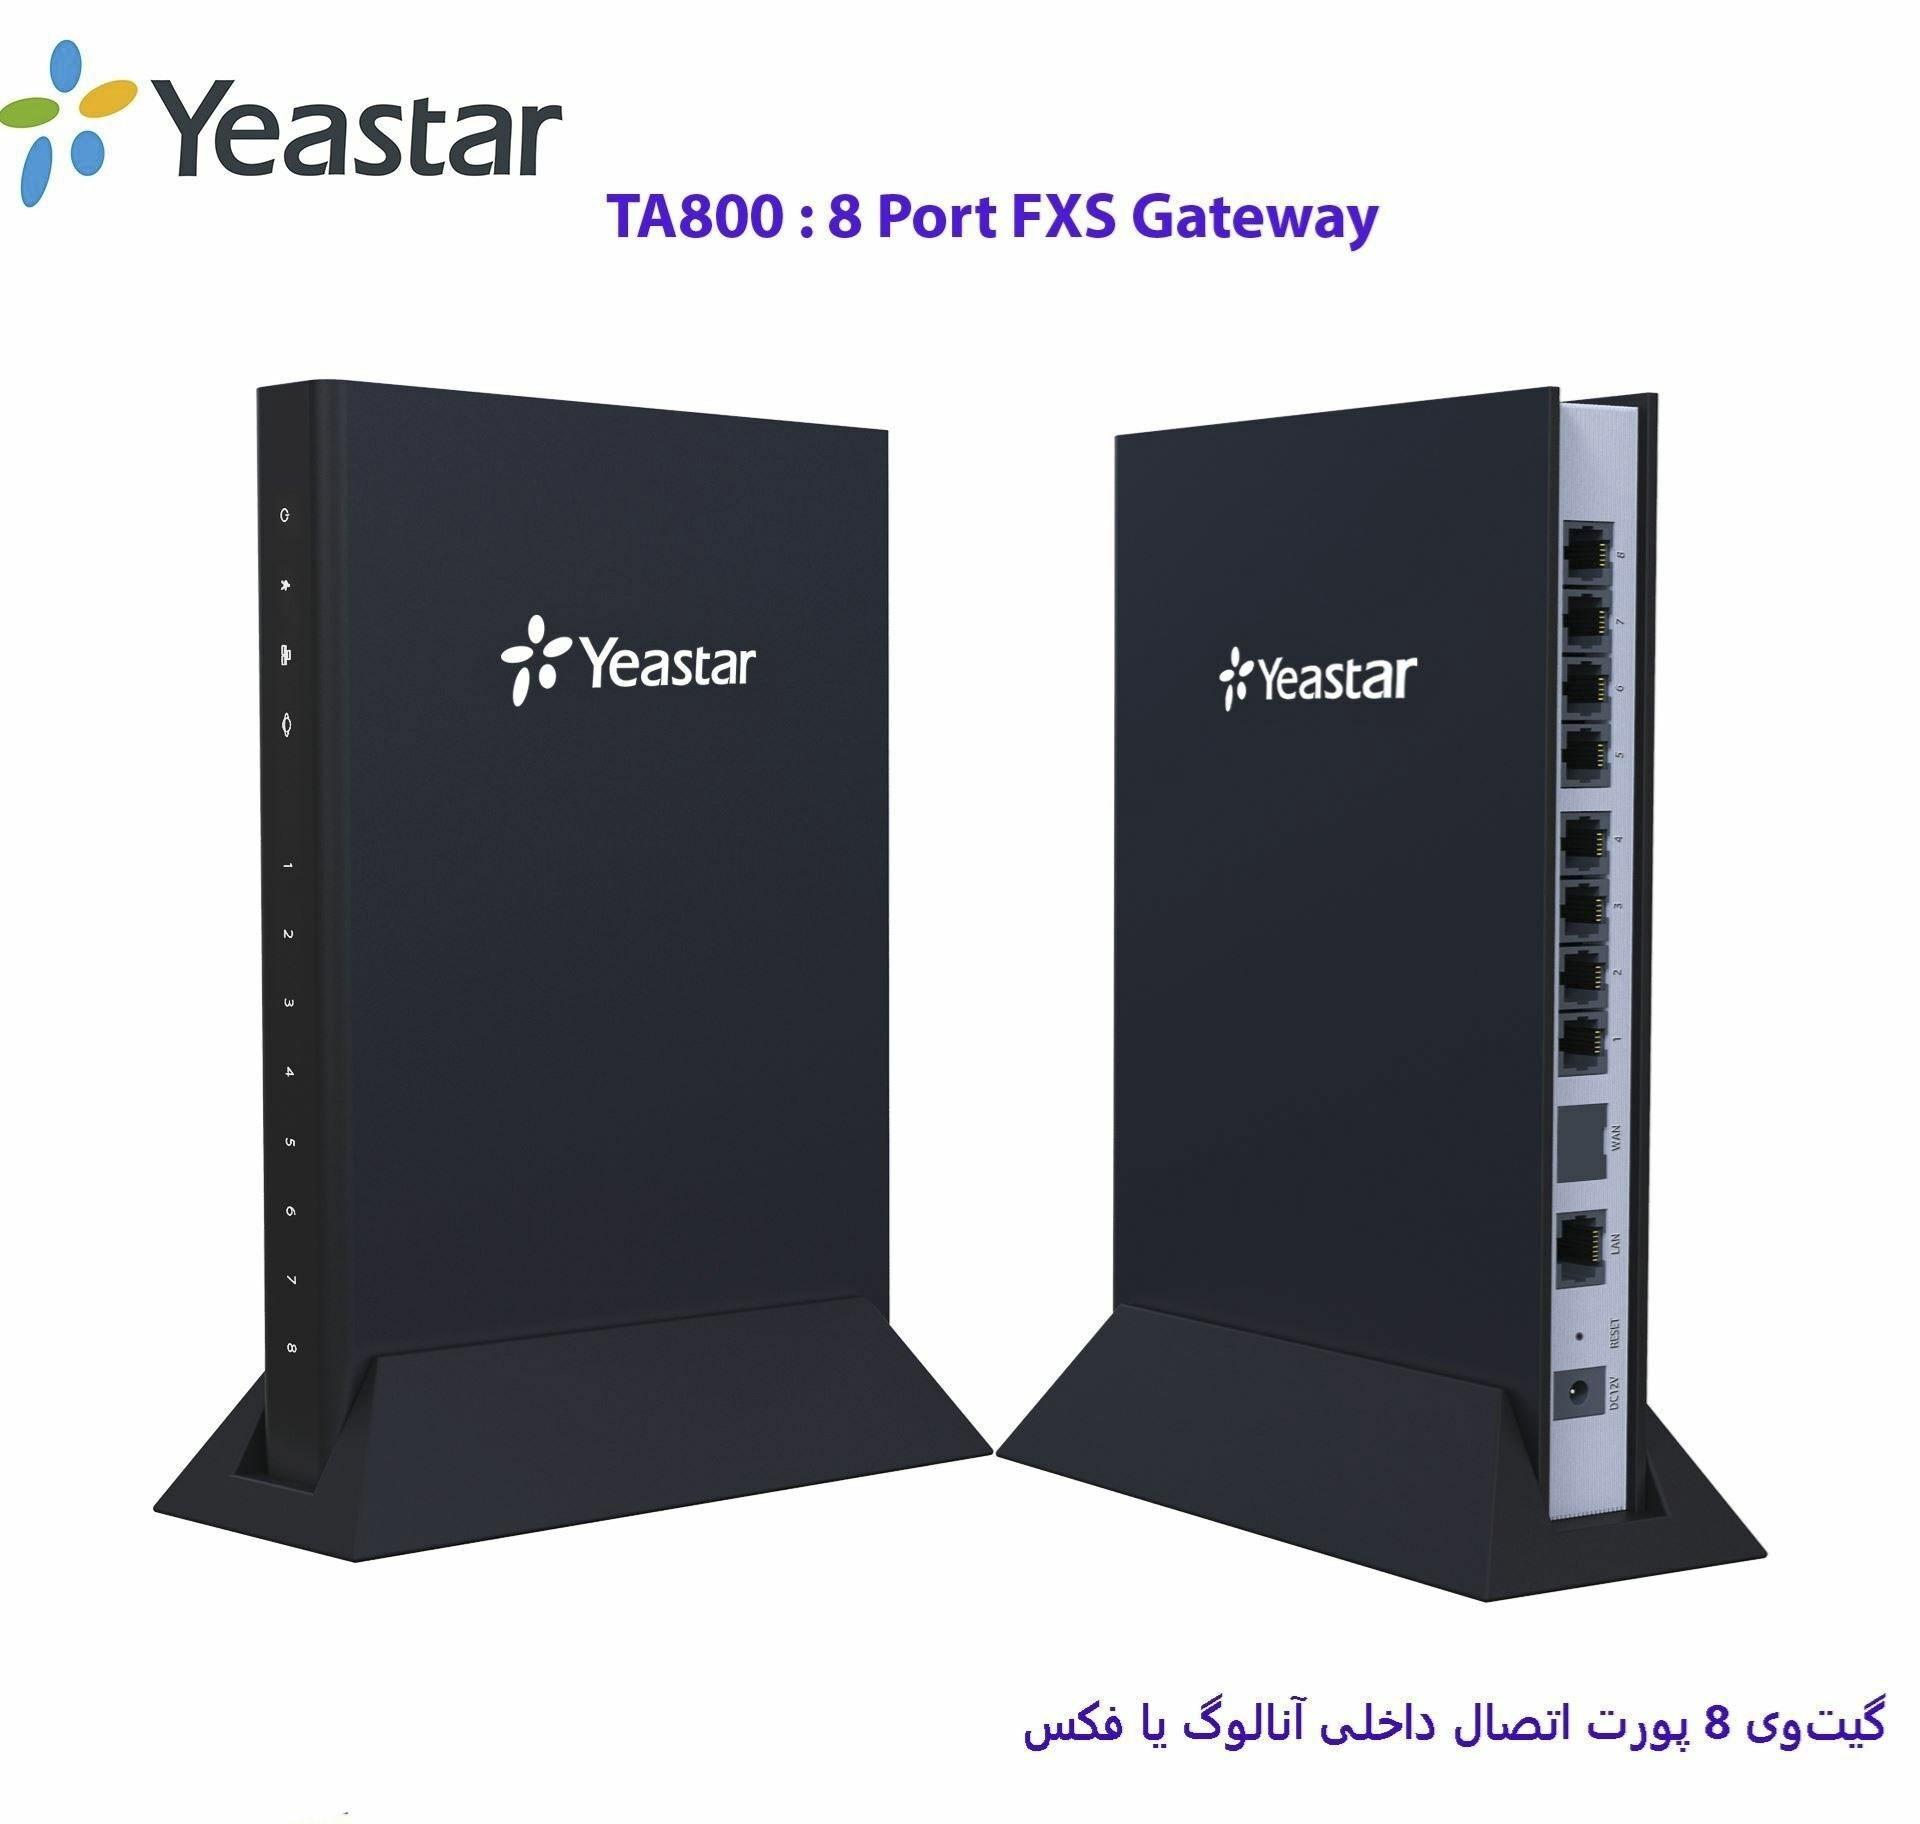 تصویر گیت وی ویپ یستار ۸FXS TA800 ا Yeastar TA800 Gateway Yeastar TA800 Gateway